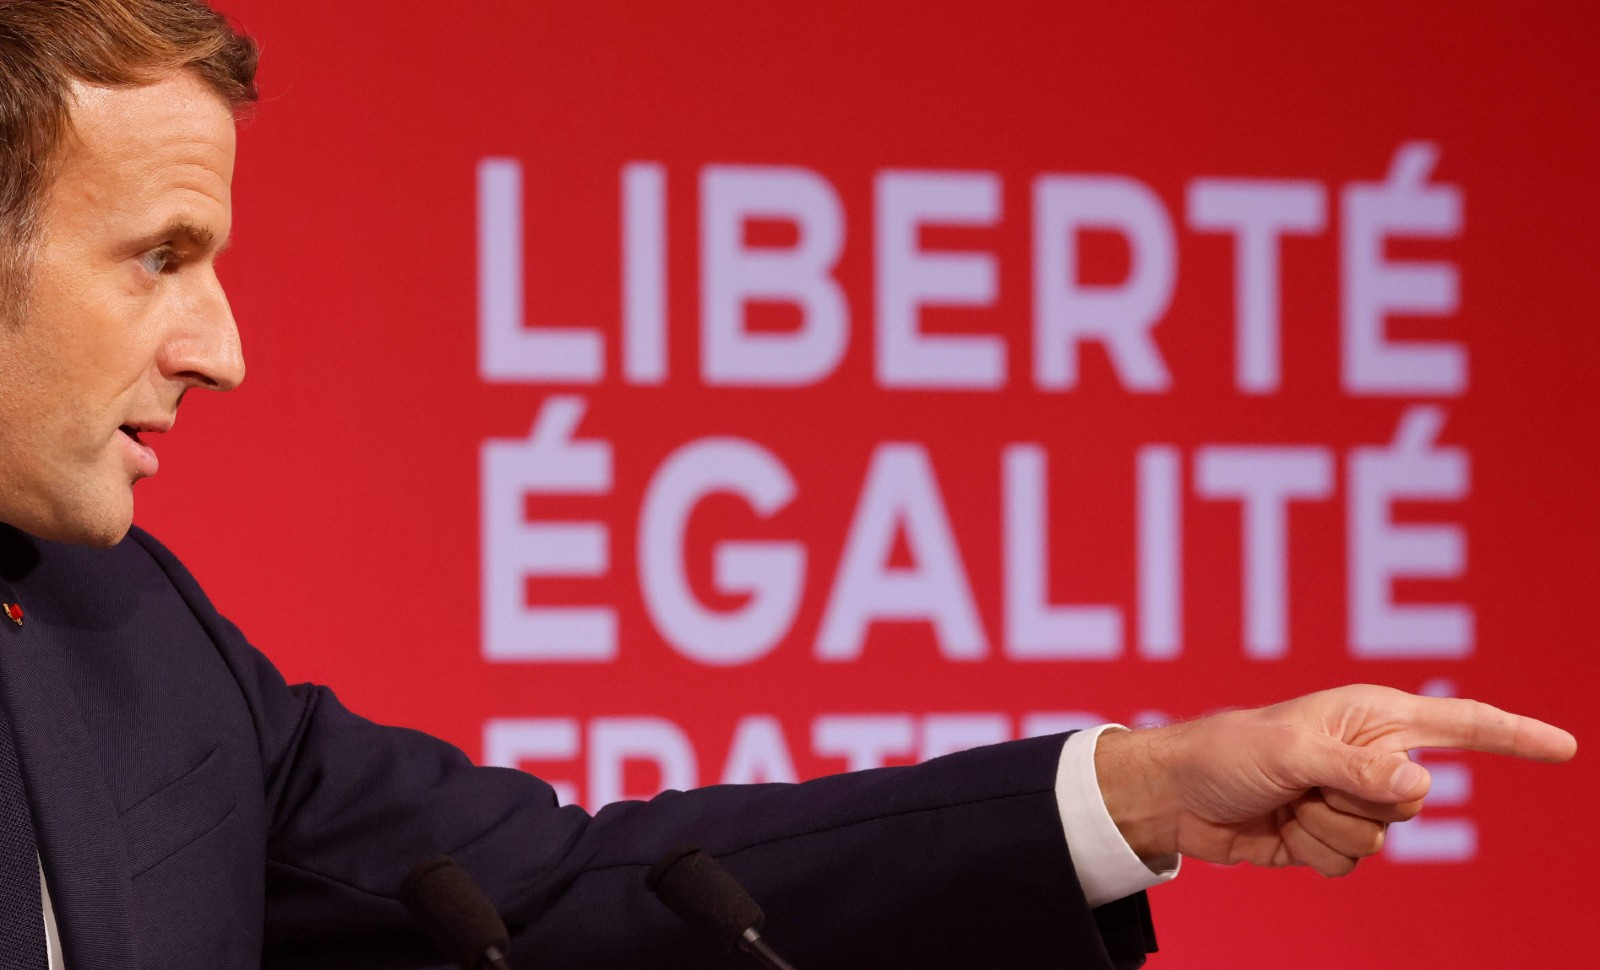 Le président Emmanuel Macron aux Mureaux le 2 octobre 2020 © Ludovic Marin/AP/SIPA Numéro de reportage: AP22499019_000005